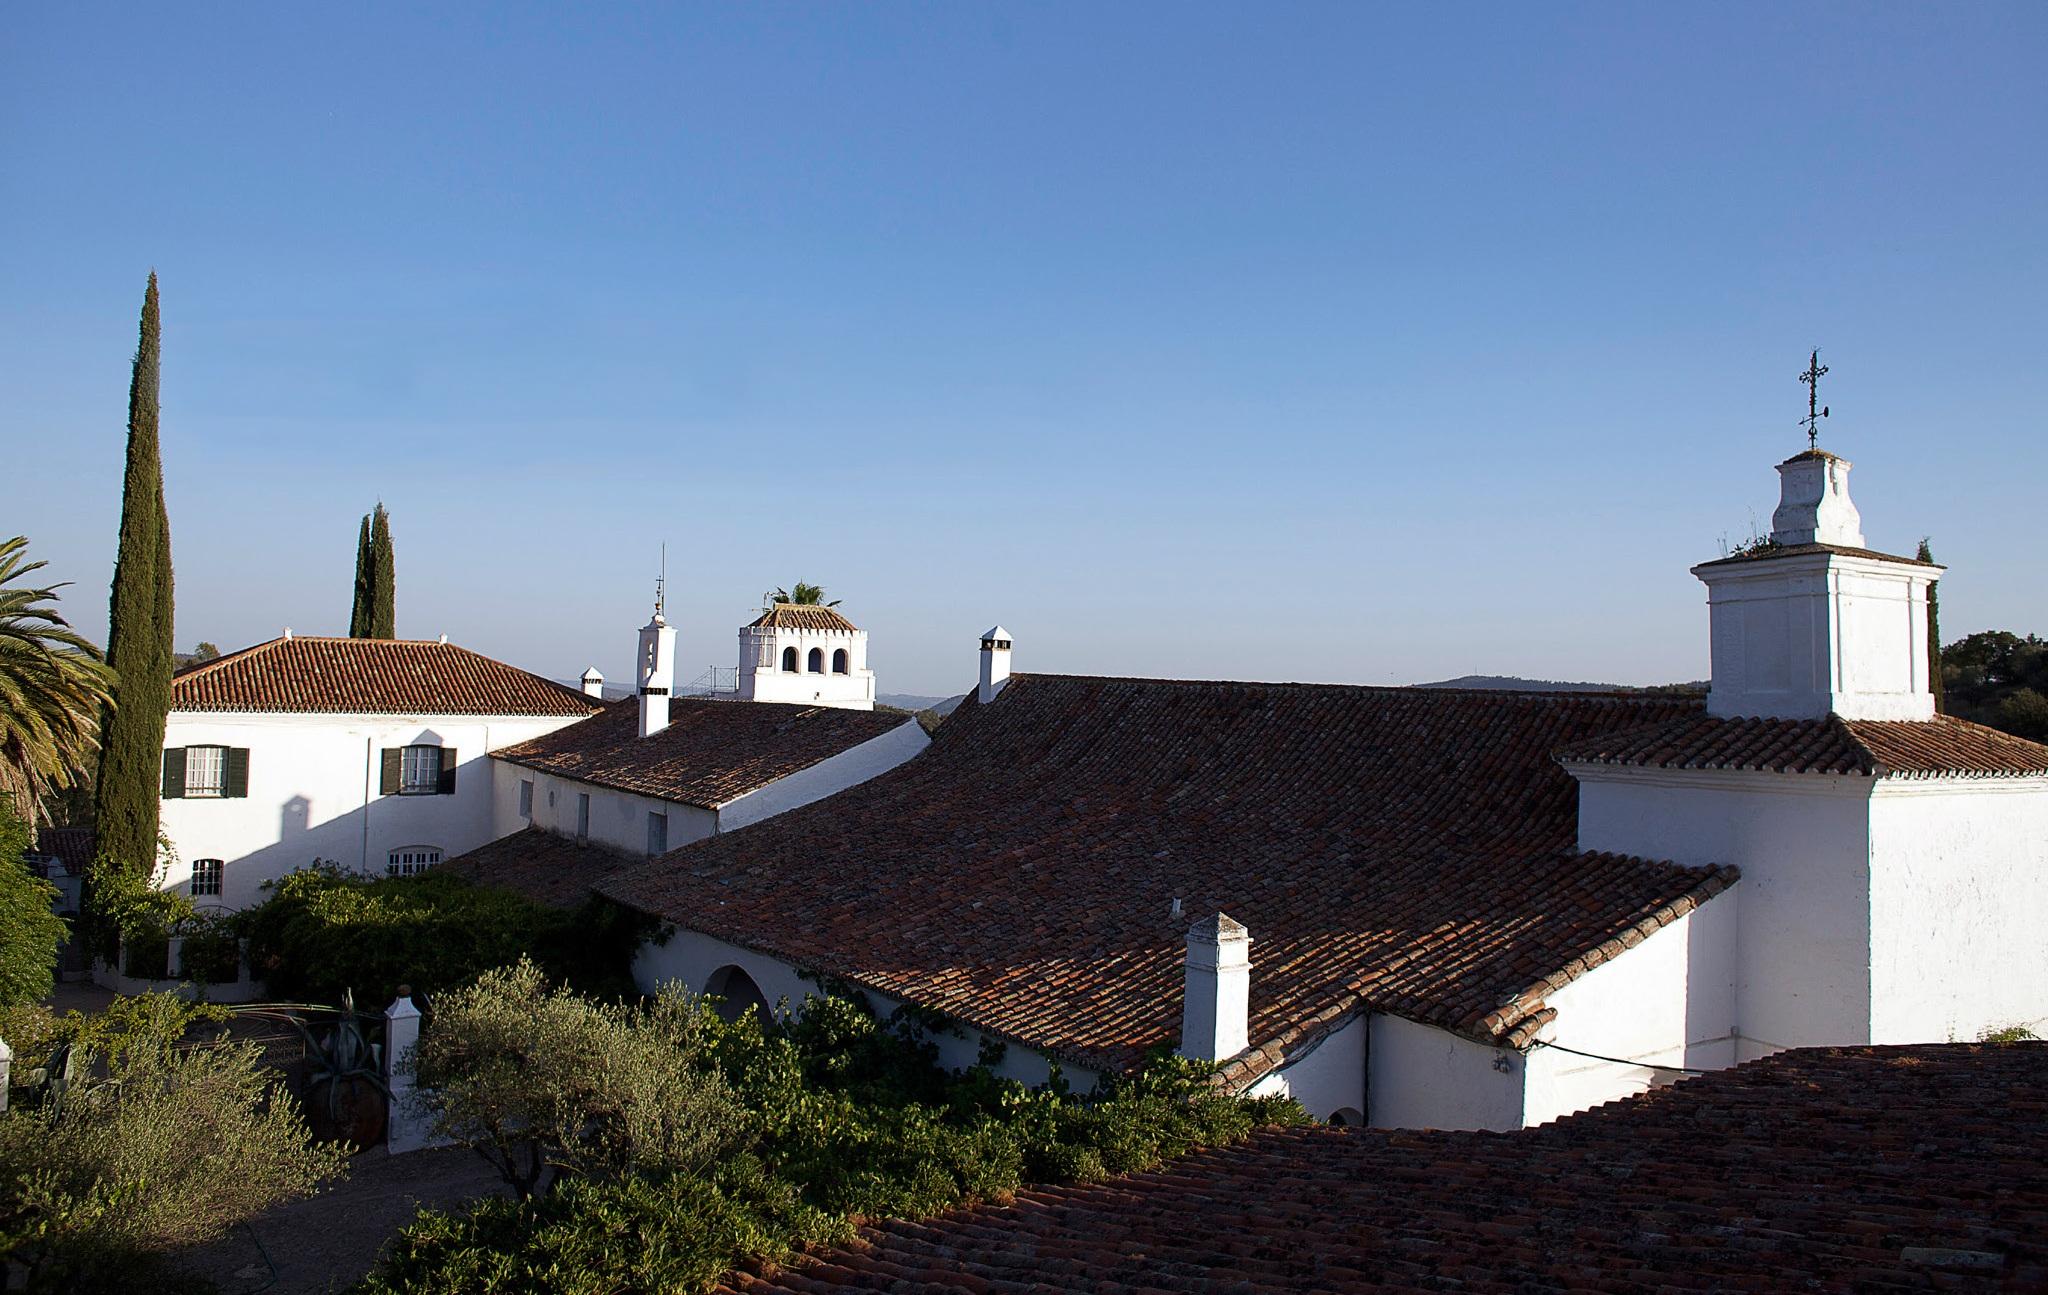 Merlin+Edited+Trasierra+Roof+Photo.jpg